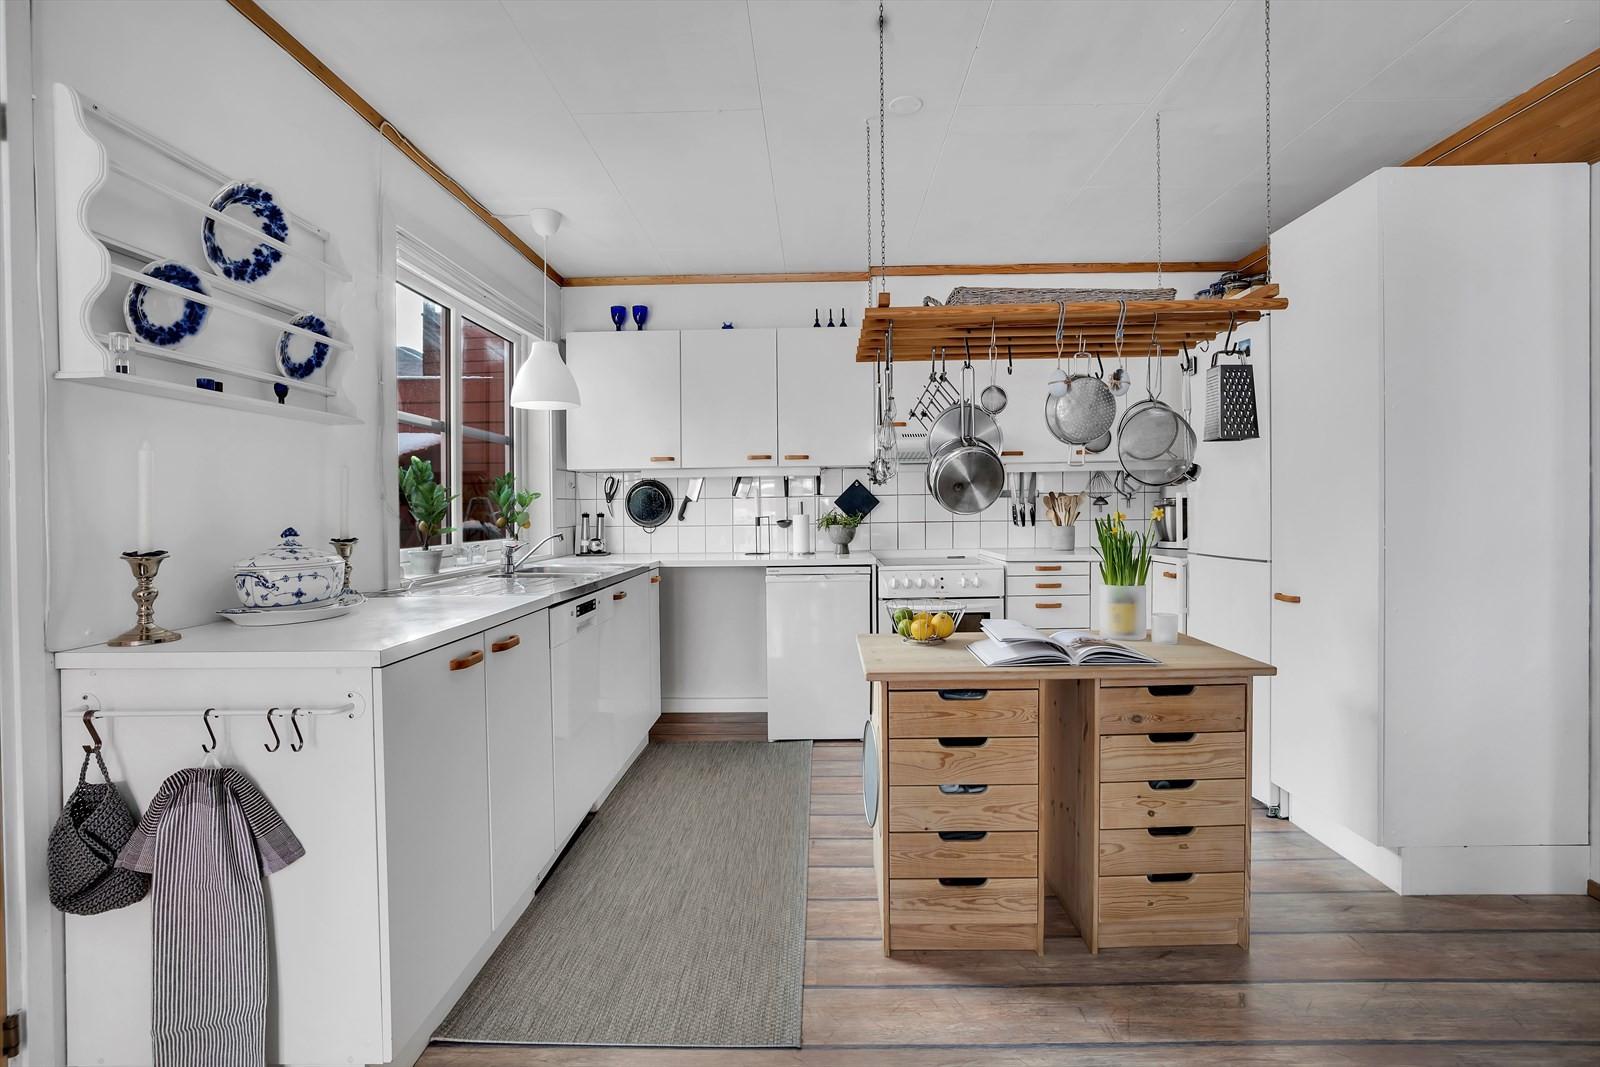 Kjøkkeninnredning fra opprinnelsen, godt ivaretatt og supplert med ekstra kjøkkenøy